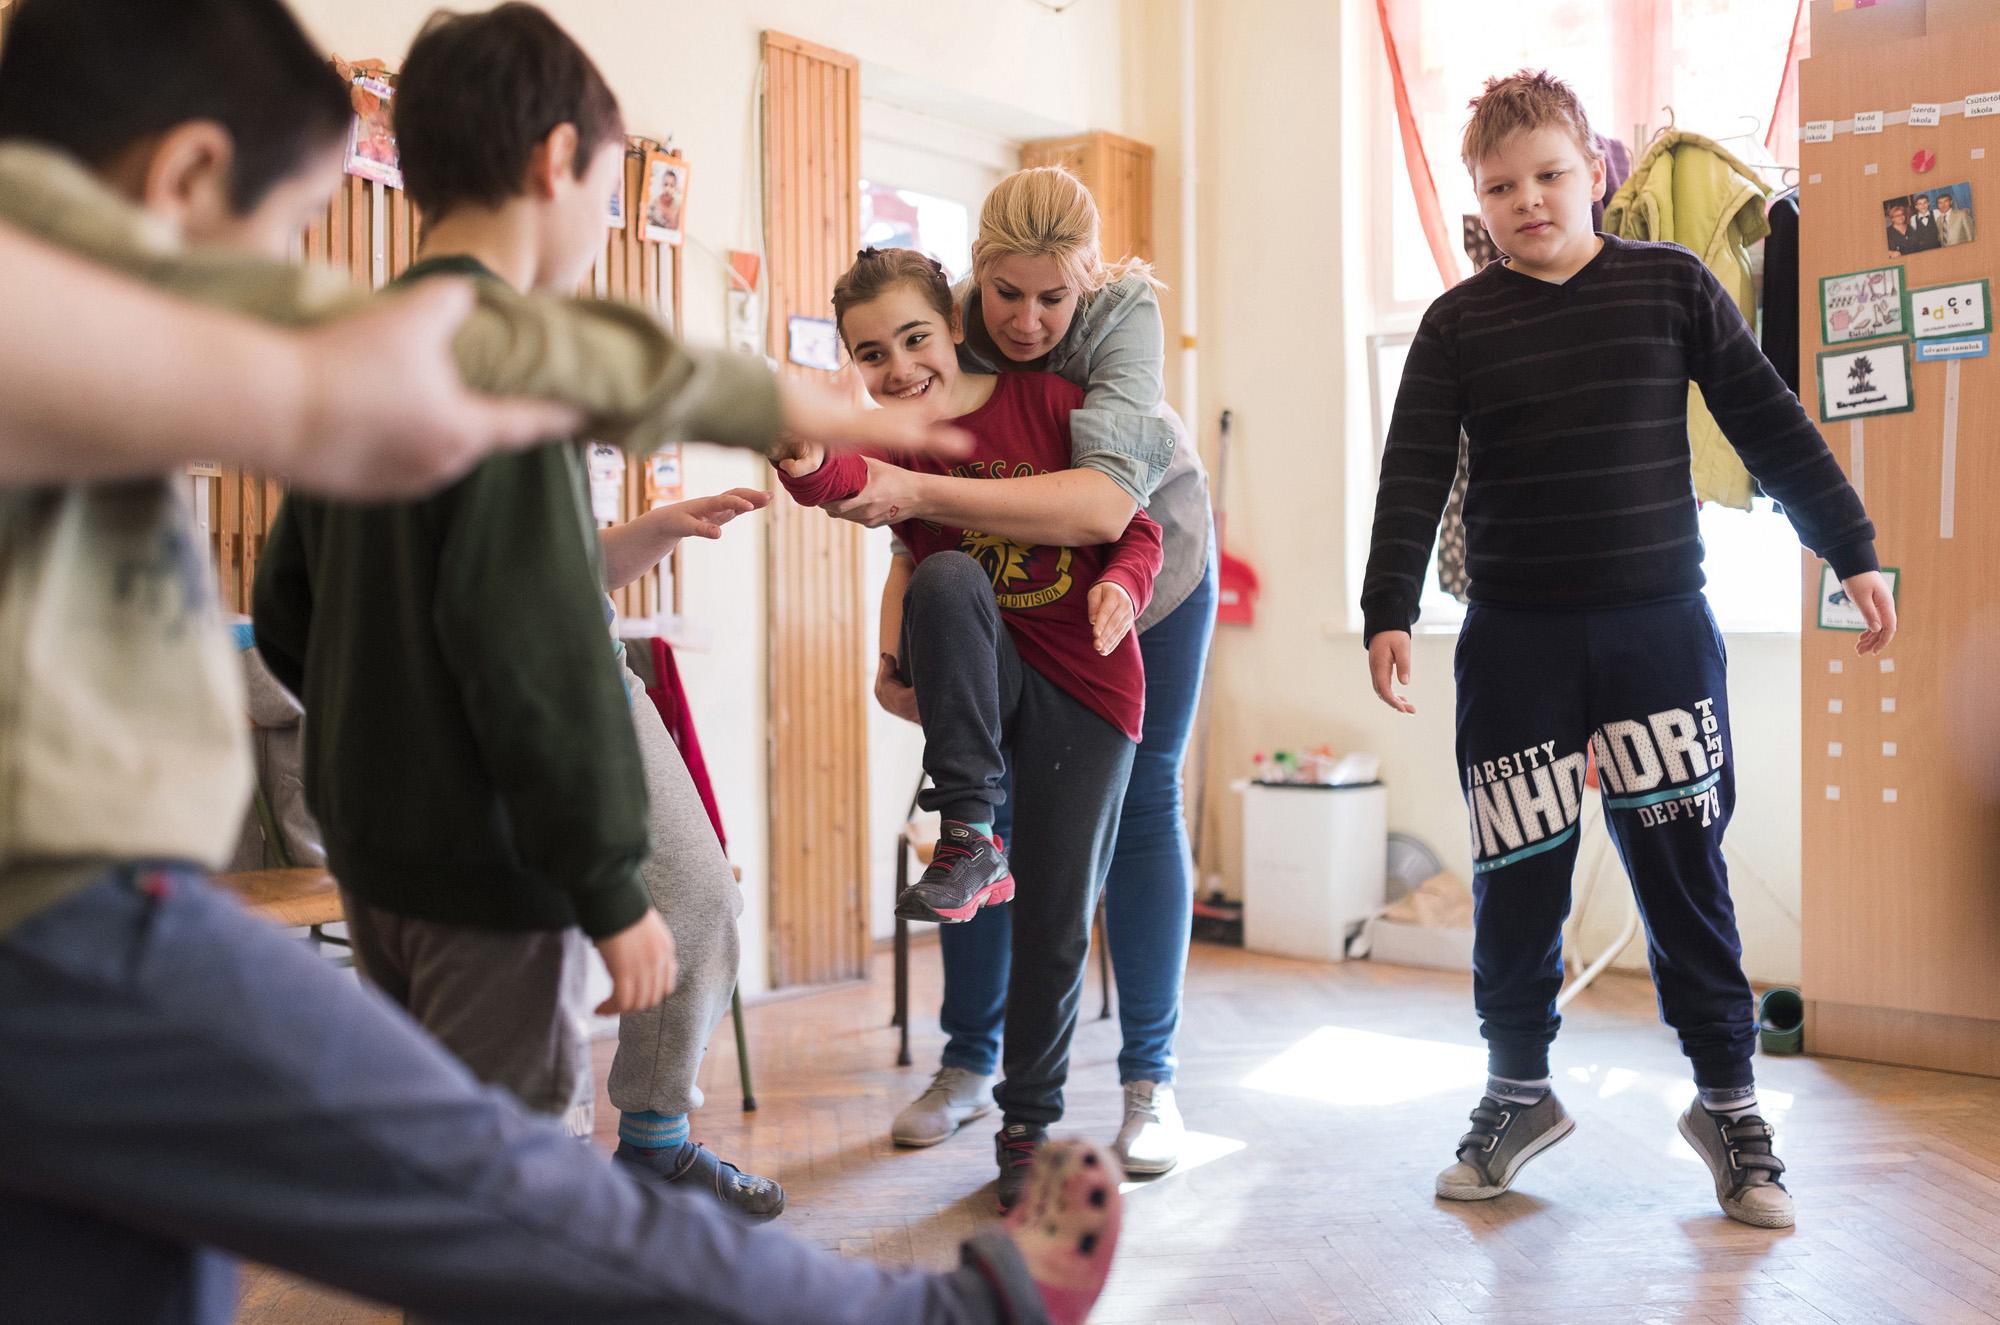 Nyíregyháza, 2017. március 30.Az autizmus spektrumzavarral élő Farkas Laura (k) fejlesztő foglalkozáson vesz részt csoporttársaival Rácz Eszter osztályfőnök, gyógypedagógus irányítása mellett a Nyíregyházi Bárczi Gusztáv Általános Iskola,Készségfejlesztő Iskola,Kollégium és Egységes Gyógypedagógiai Módszertani Intézmény II. számú speciális autista csoportjában 2017. március 22-én. Az állandó felügyeletet igénylő gyermek nevelésének nehézségei miatt a család felbomlott, a szülők elváltak. A két gyermekét egyedül nevelő Farkas Árpád korábban jól működő vállalkozásaira nem tudott elég időt fordítani, így az egykor jó körülmények között élő család anyagi helyzete megváltozott. A férfi alapító elnöke az autista gyerekek szülői szervezetének, a 2014 tavaszán bejegyzett Most Élsz Egyesületnek, amely folyamatosan keresi a gyógyítás újabb és újabb lehetőségeit.MTI Fotó: Balázs Attila